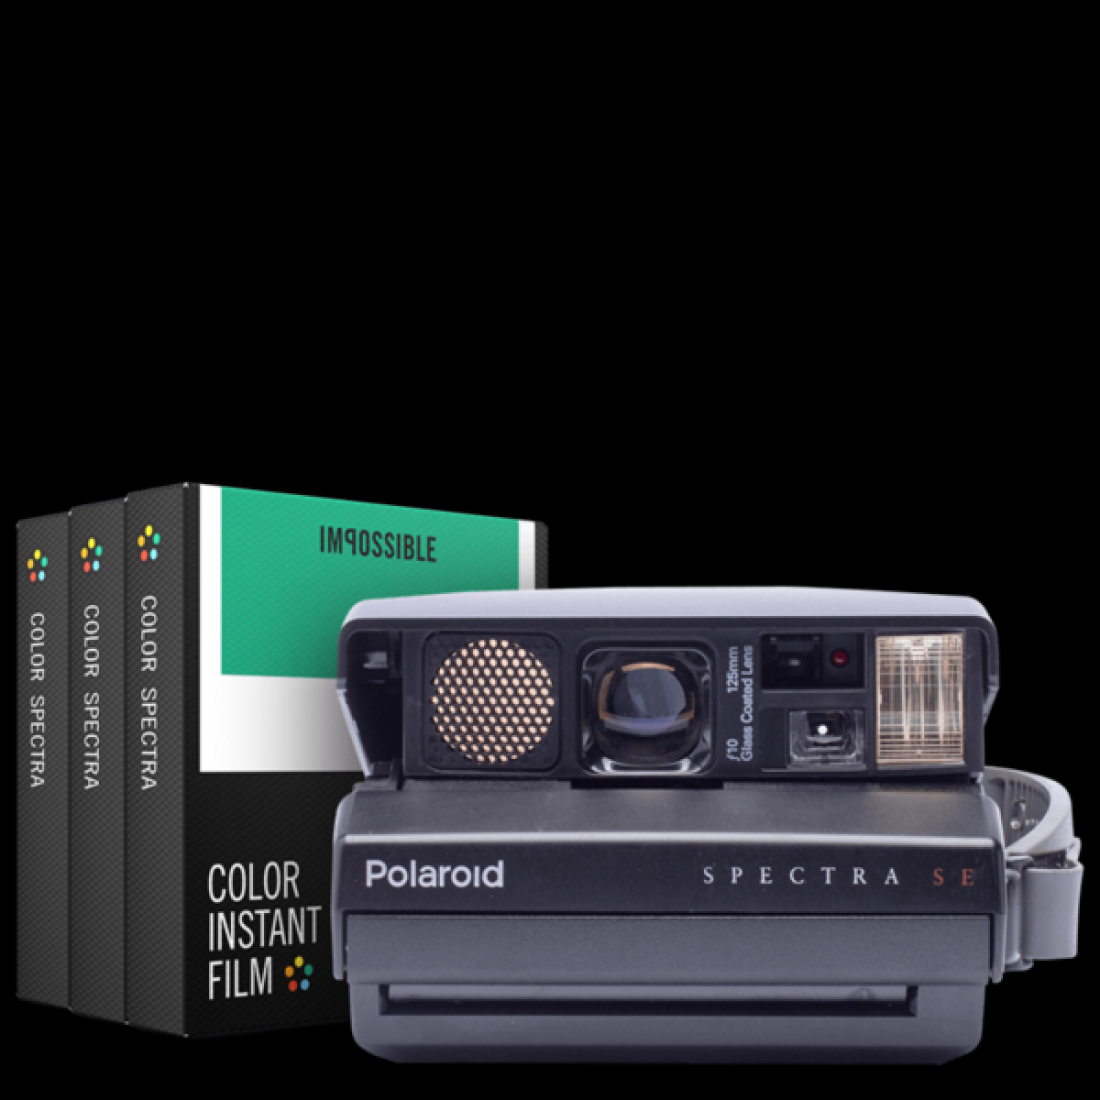 Polaroid Spectra — $118